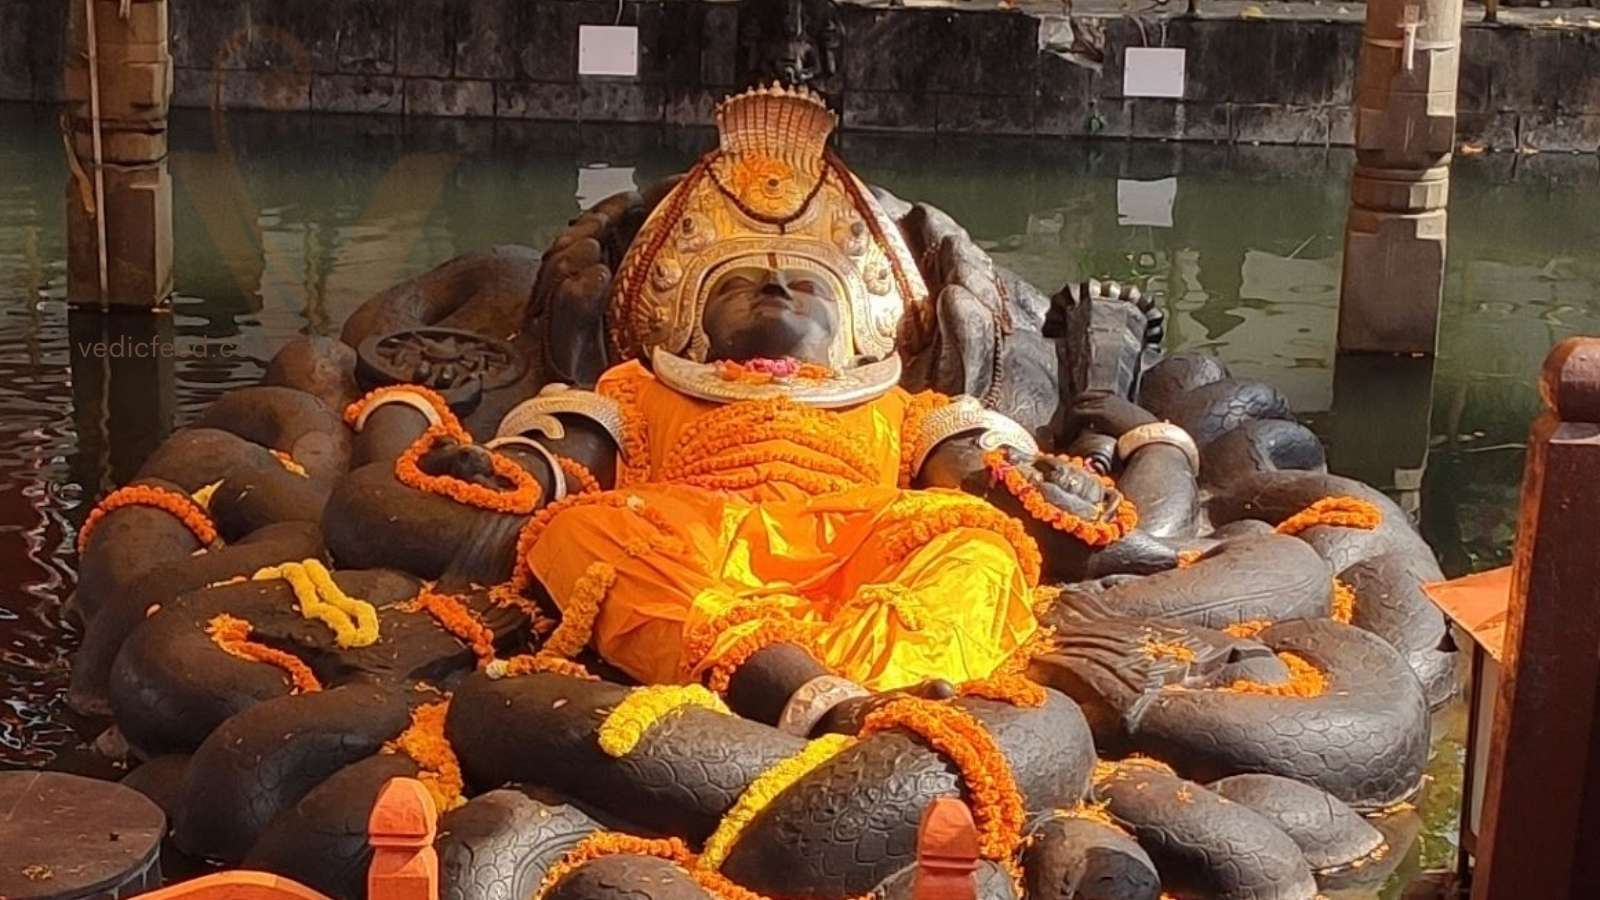 Sleeping Vishnu Statue